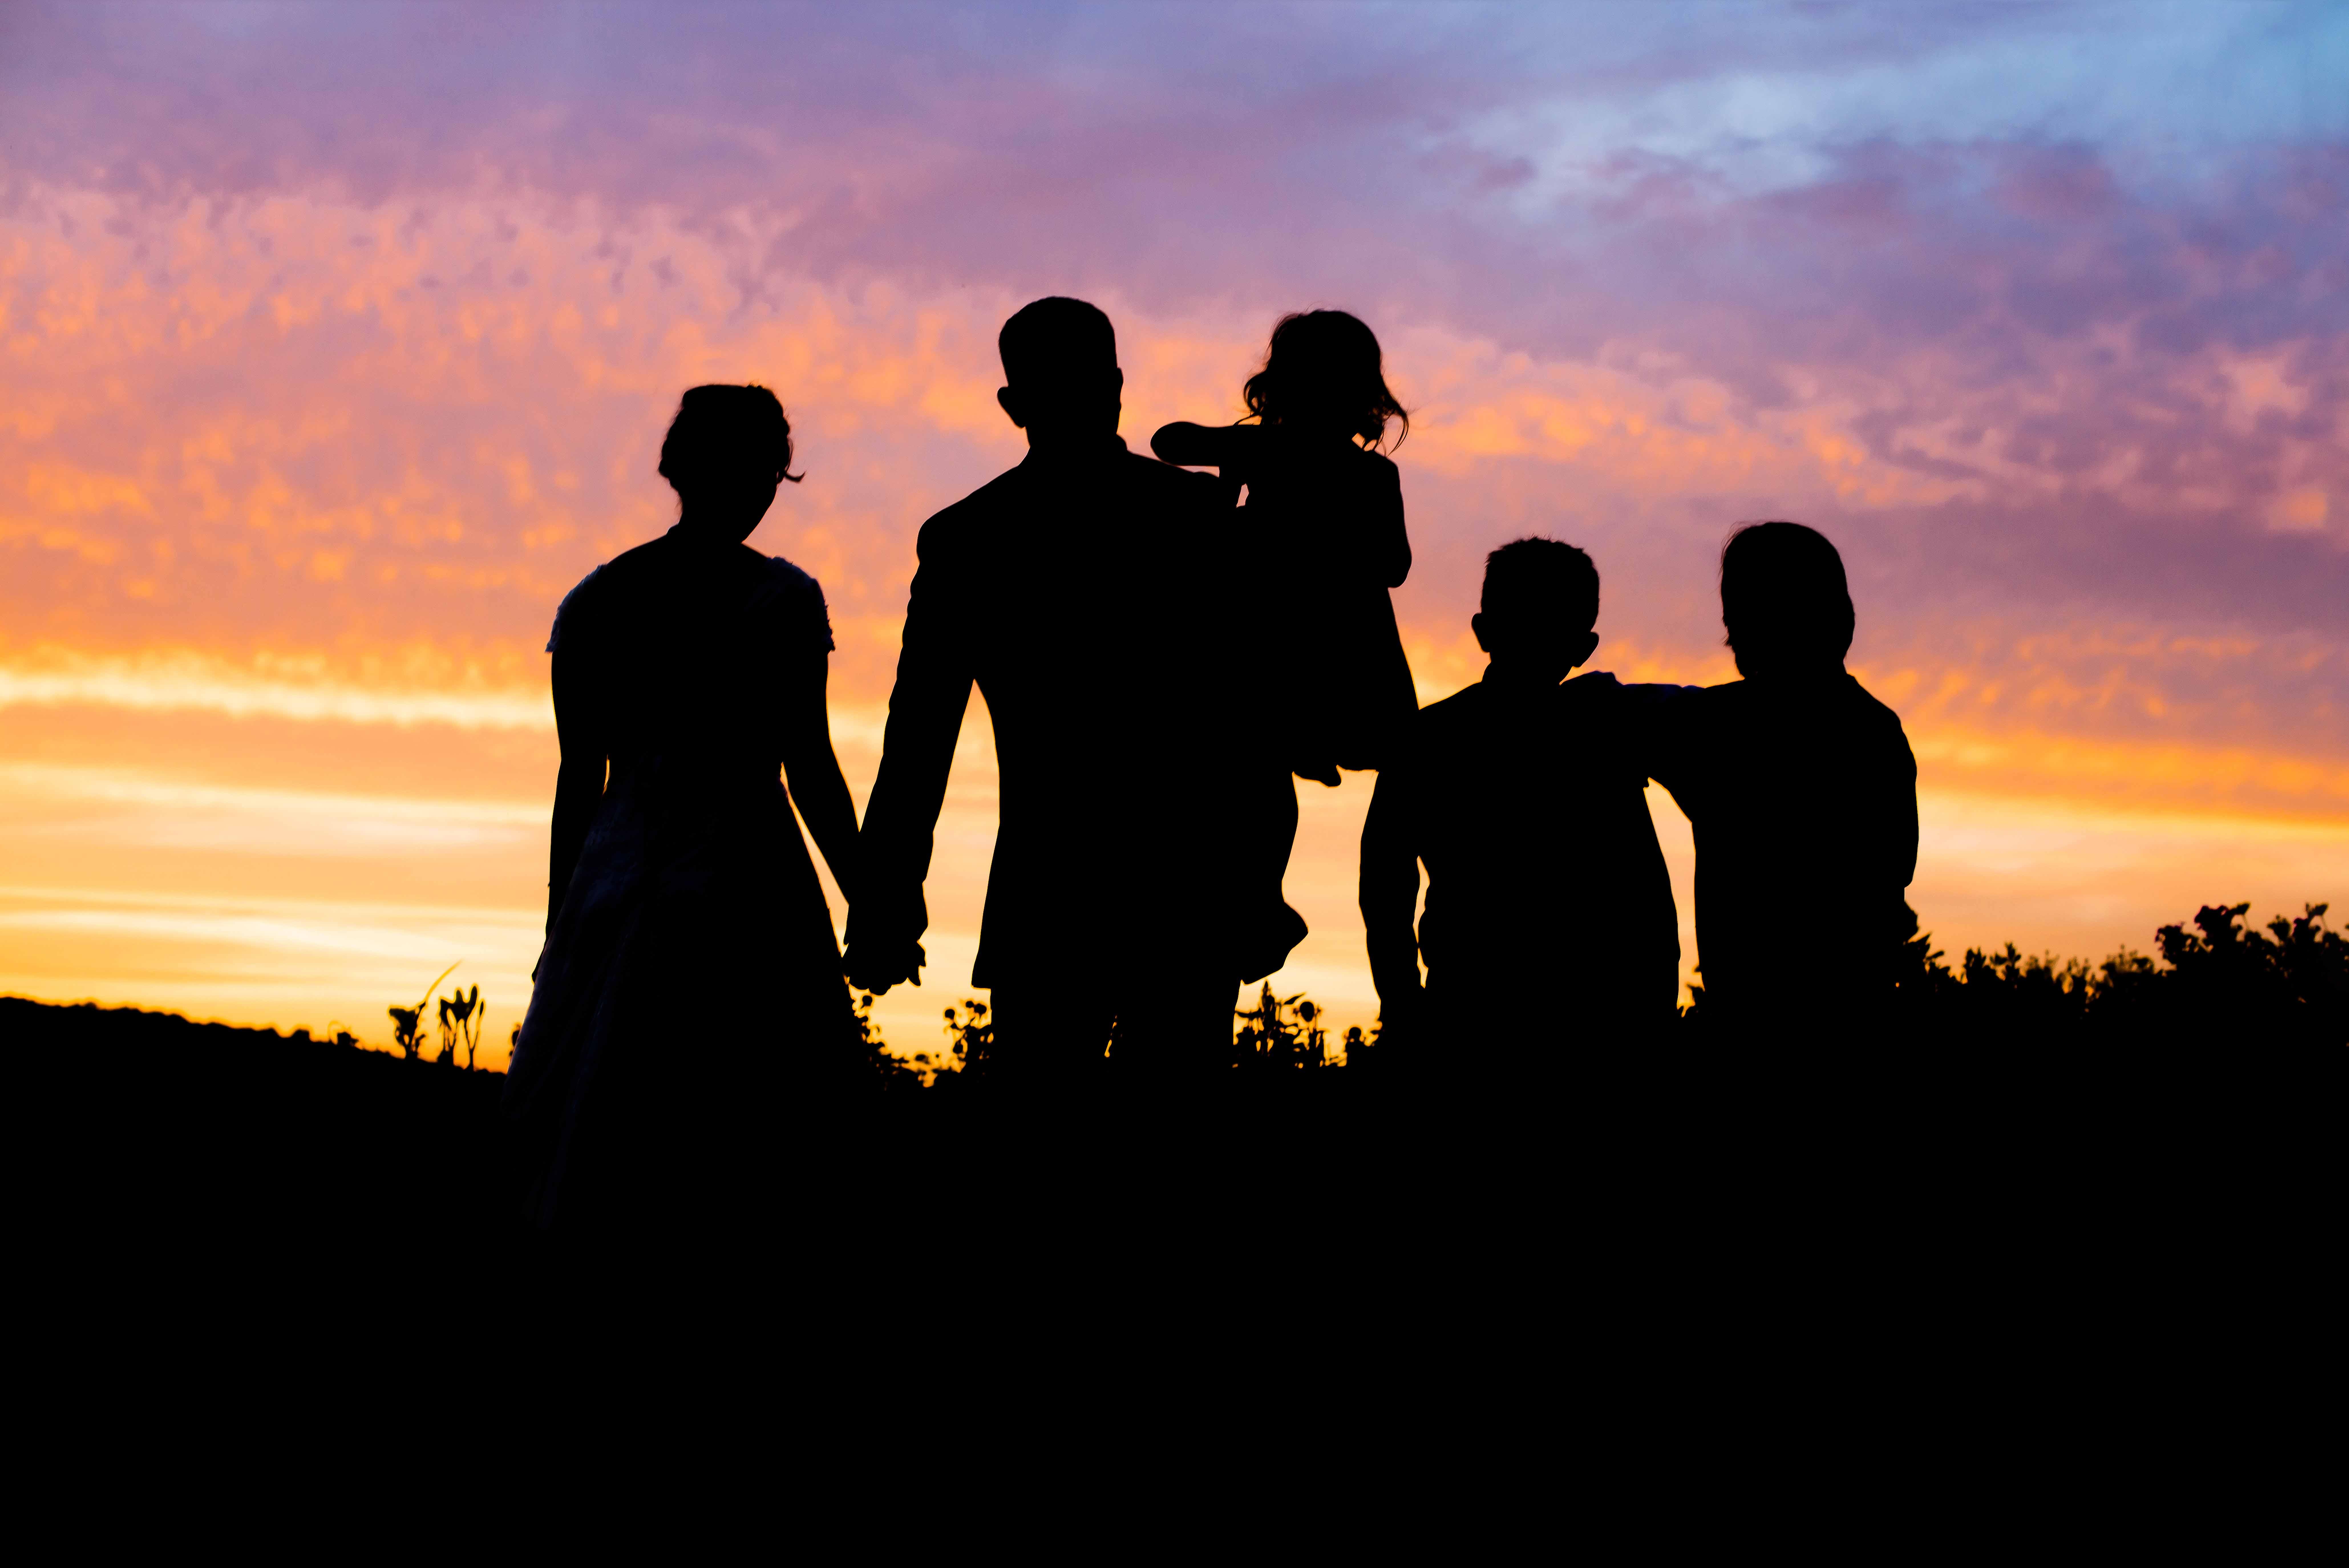 family photographer albany ny silhouete